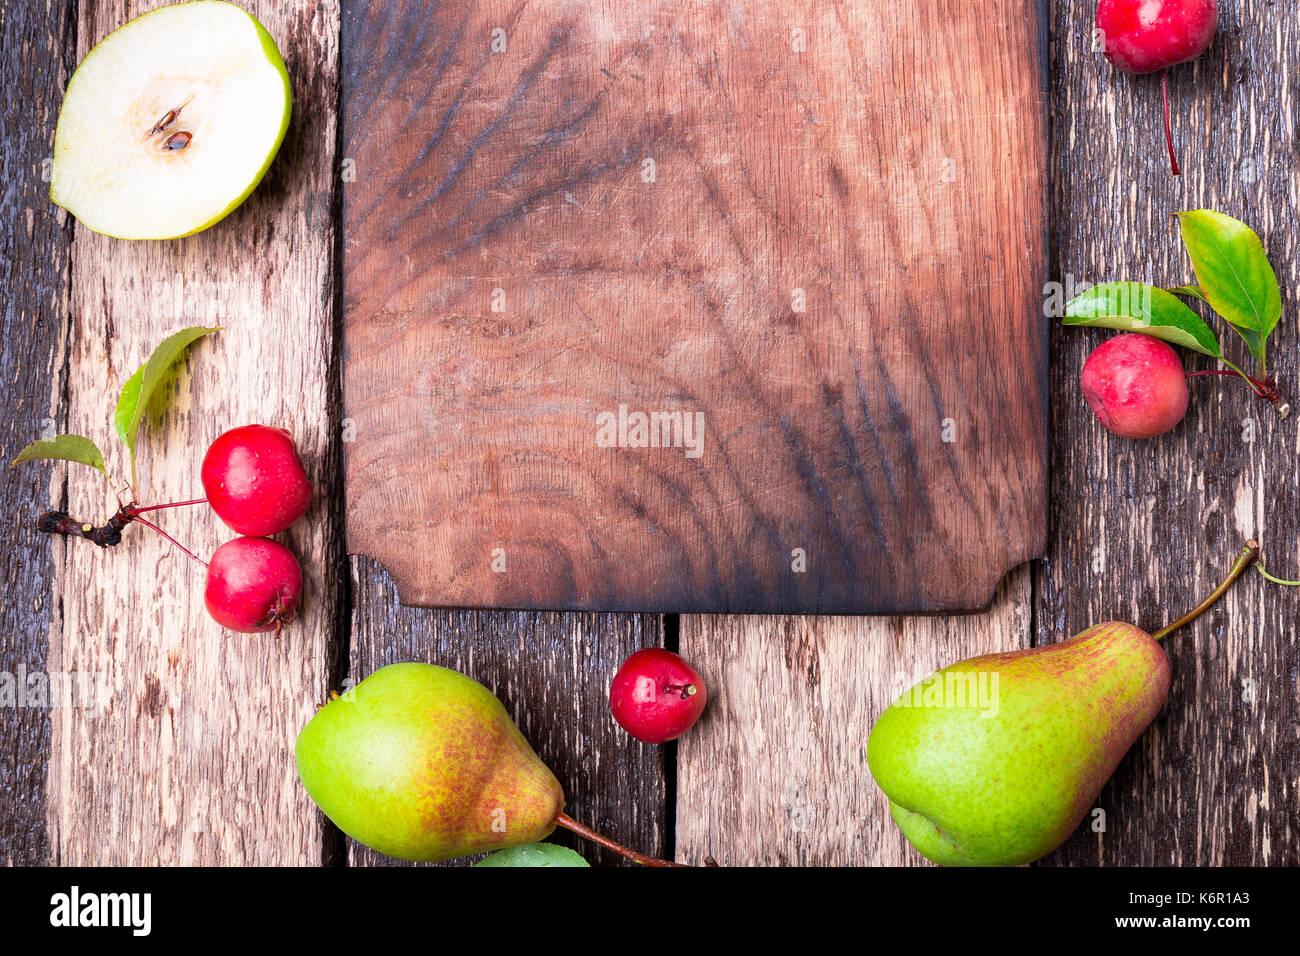 De pera y manzana pequeña alrededor del vacío en la tabla de cortar de madera fondo rústico. vista desde arriba. bastidor. cosecha otoñal. Copie el espacio Imagen De Stock